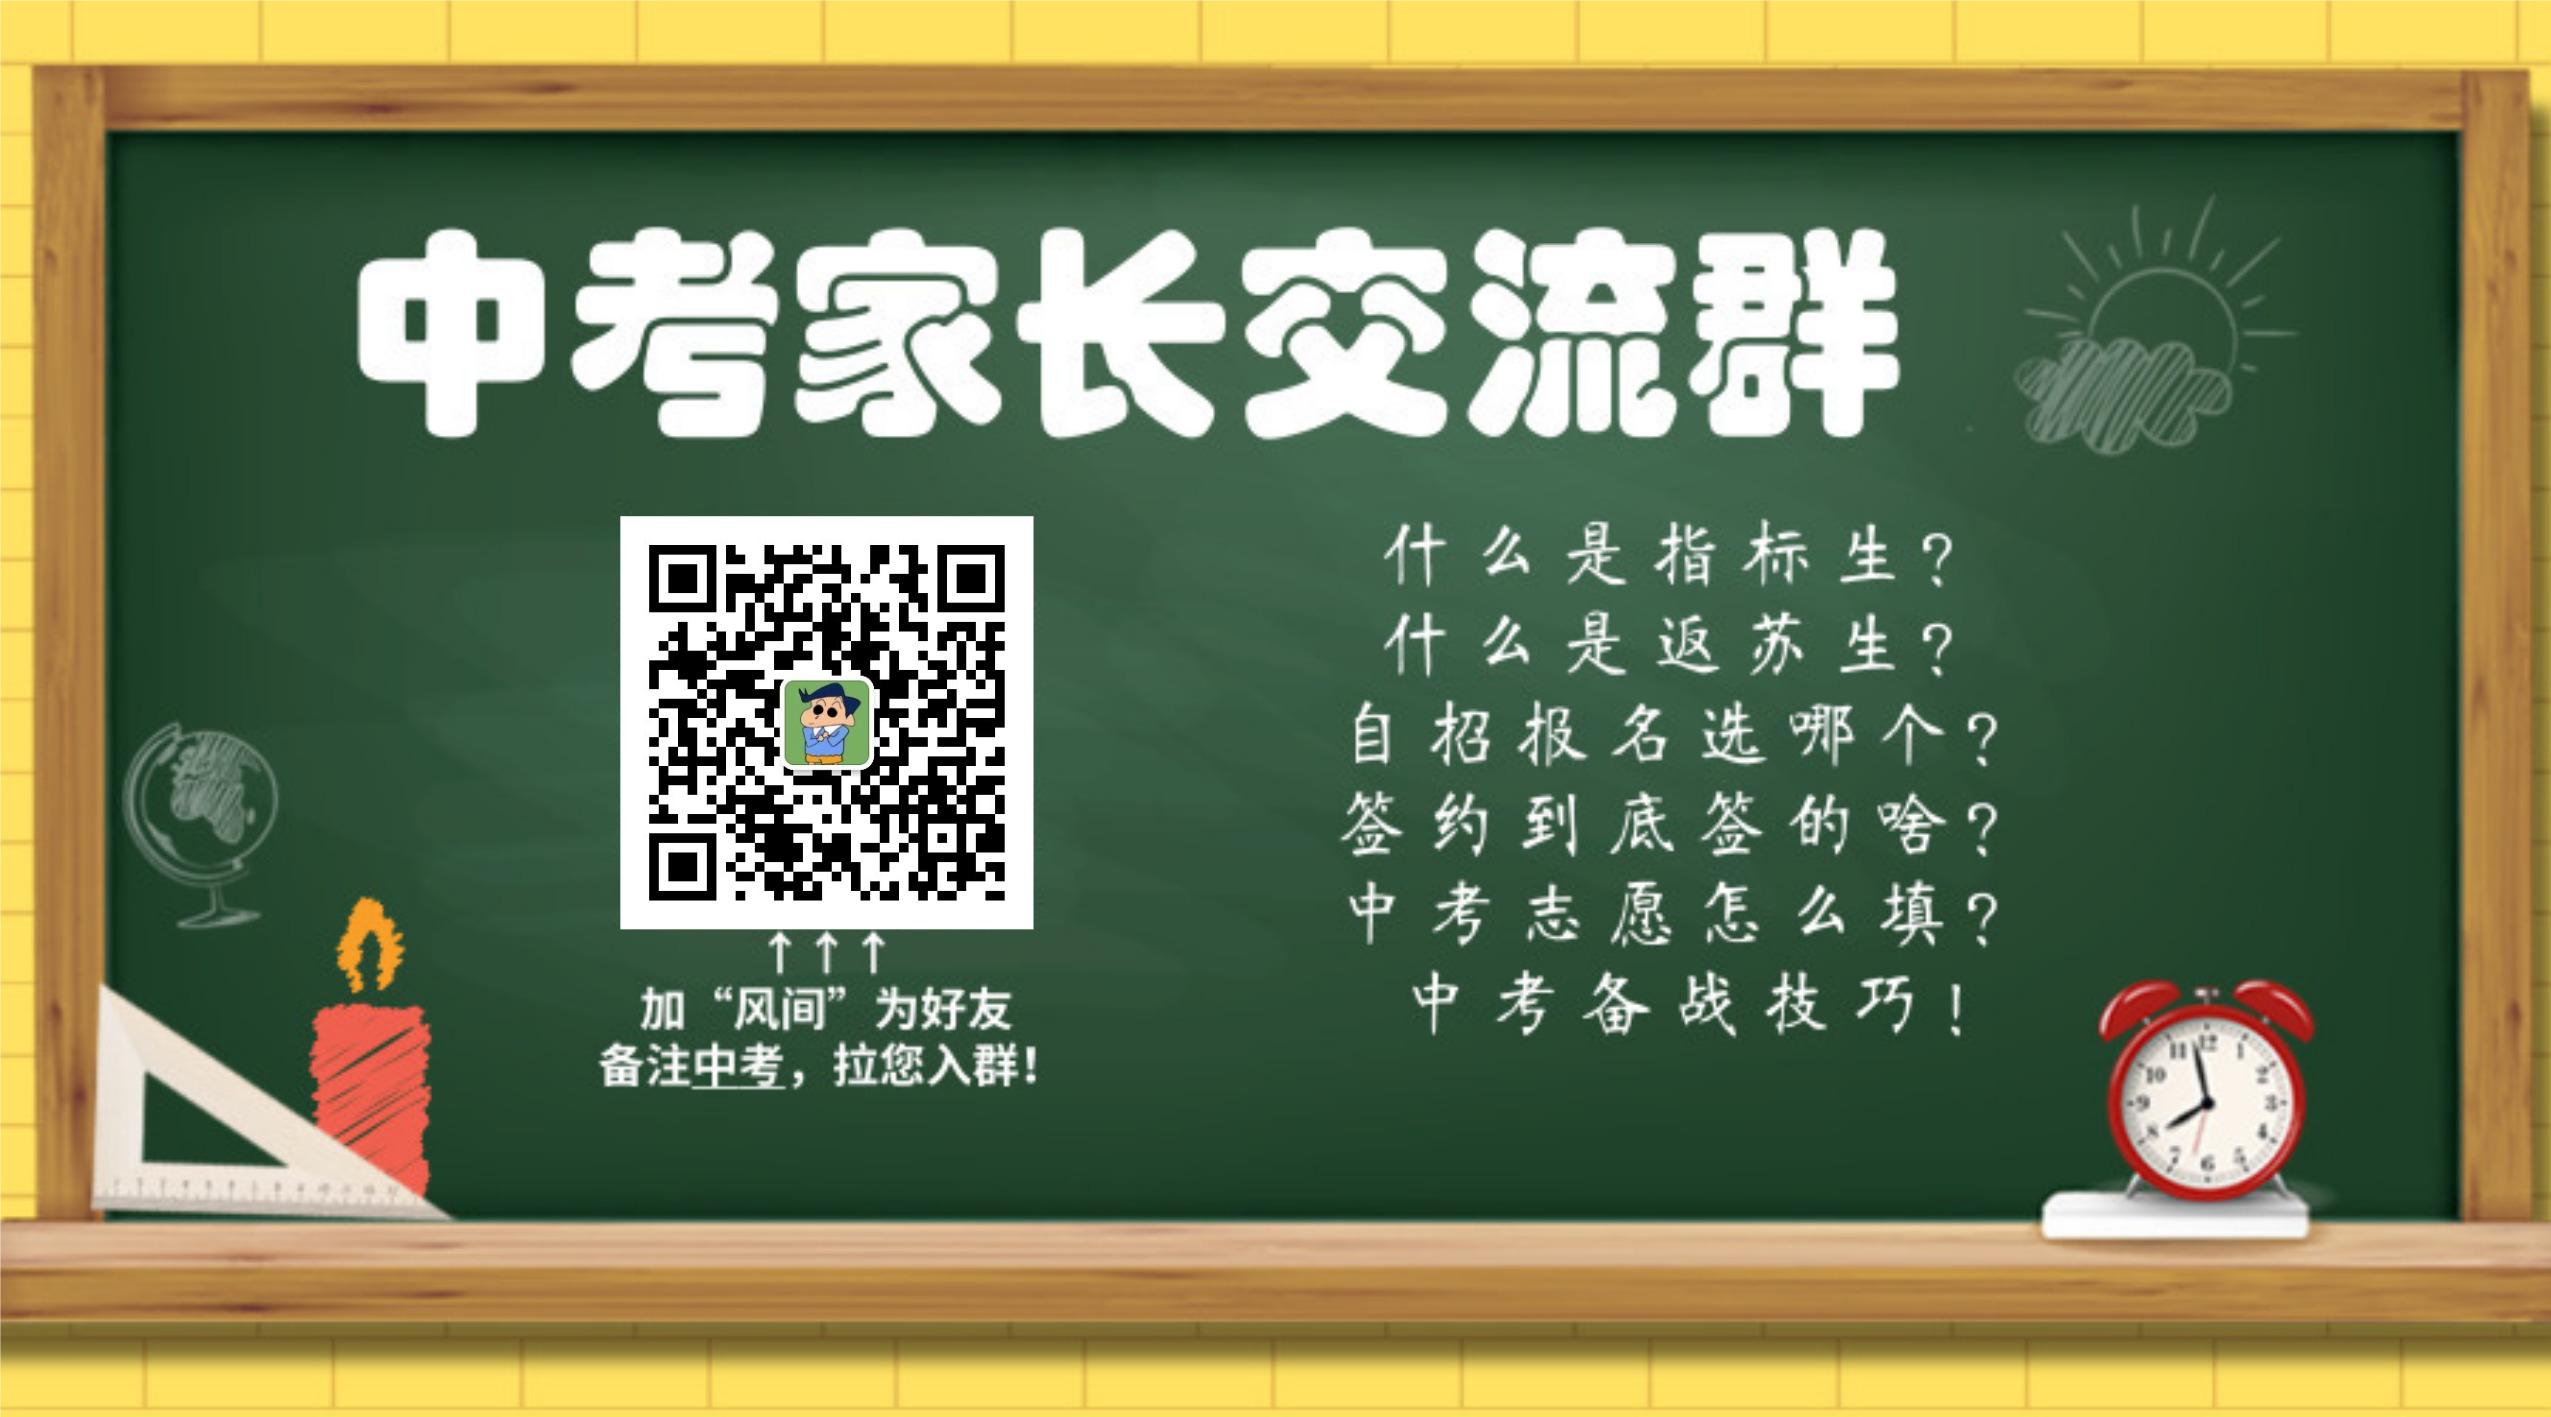 中考家长交流群 (1).jpg